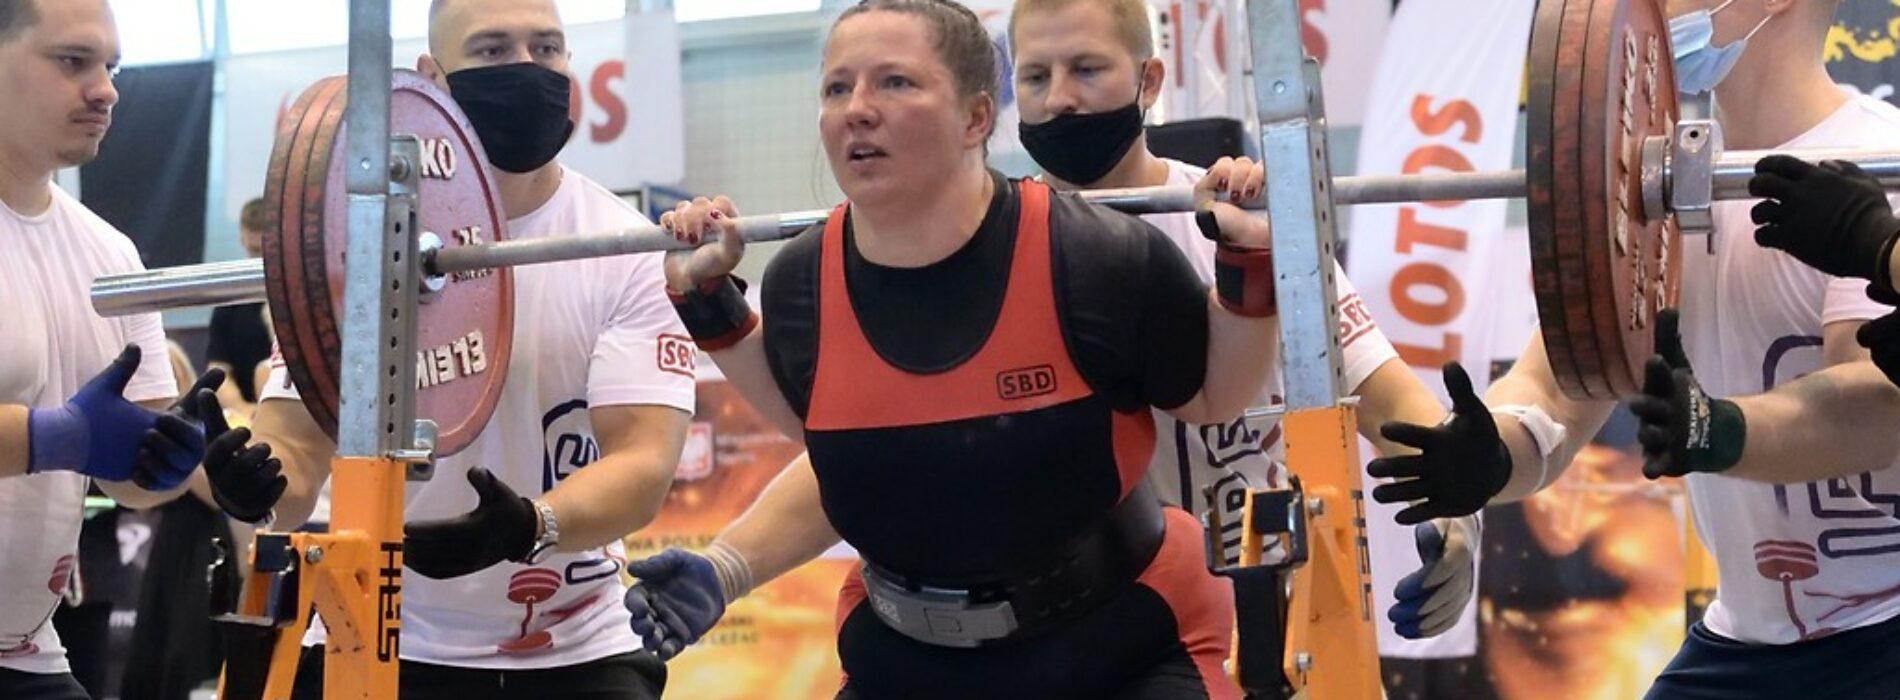 Najważniejsze święto siłaczy ponownie w Skierniewicach